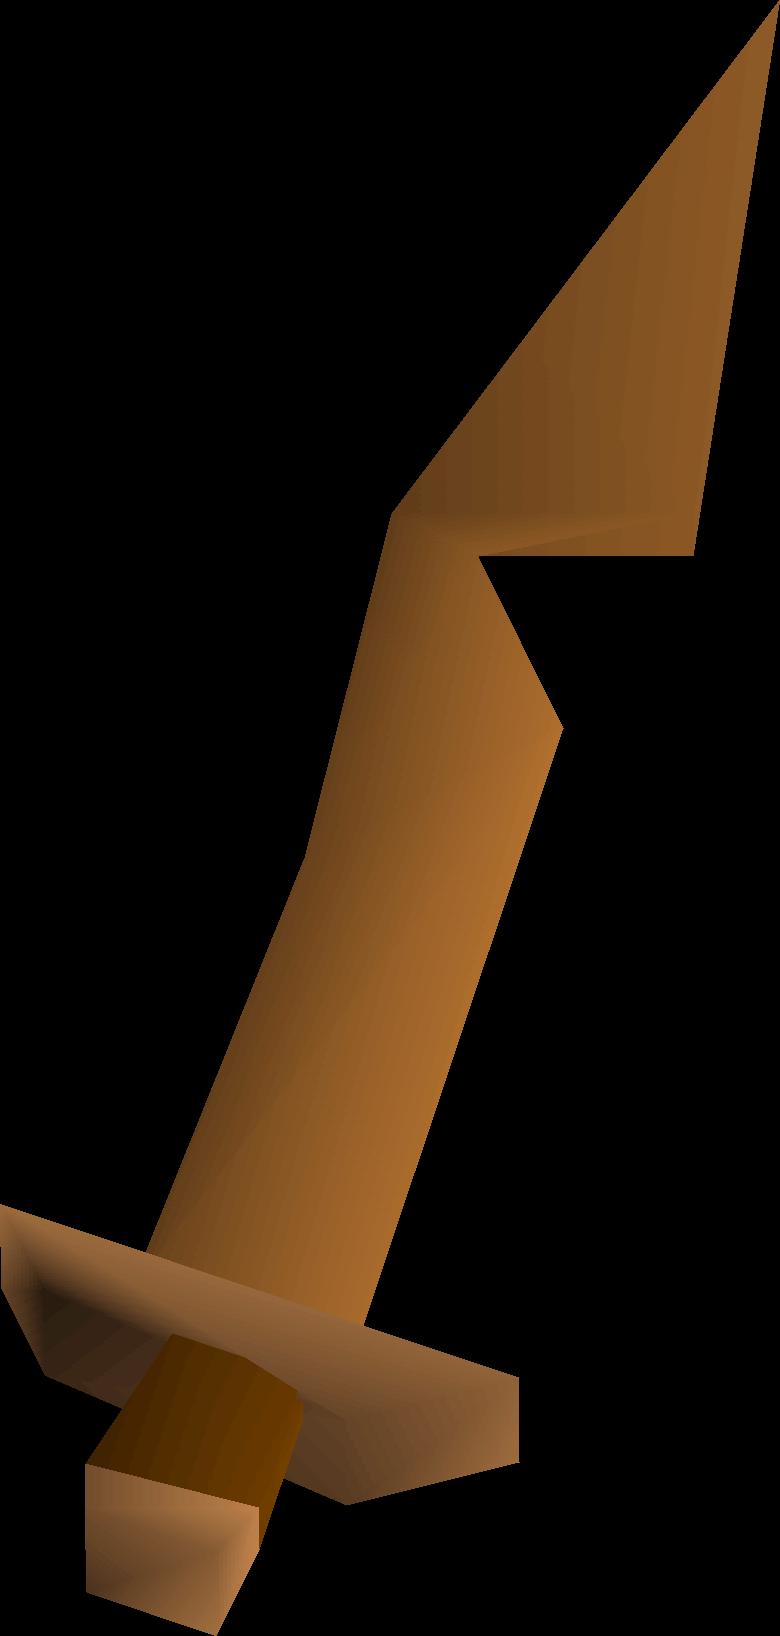 Staircase clipart broken. Rusty sword old school